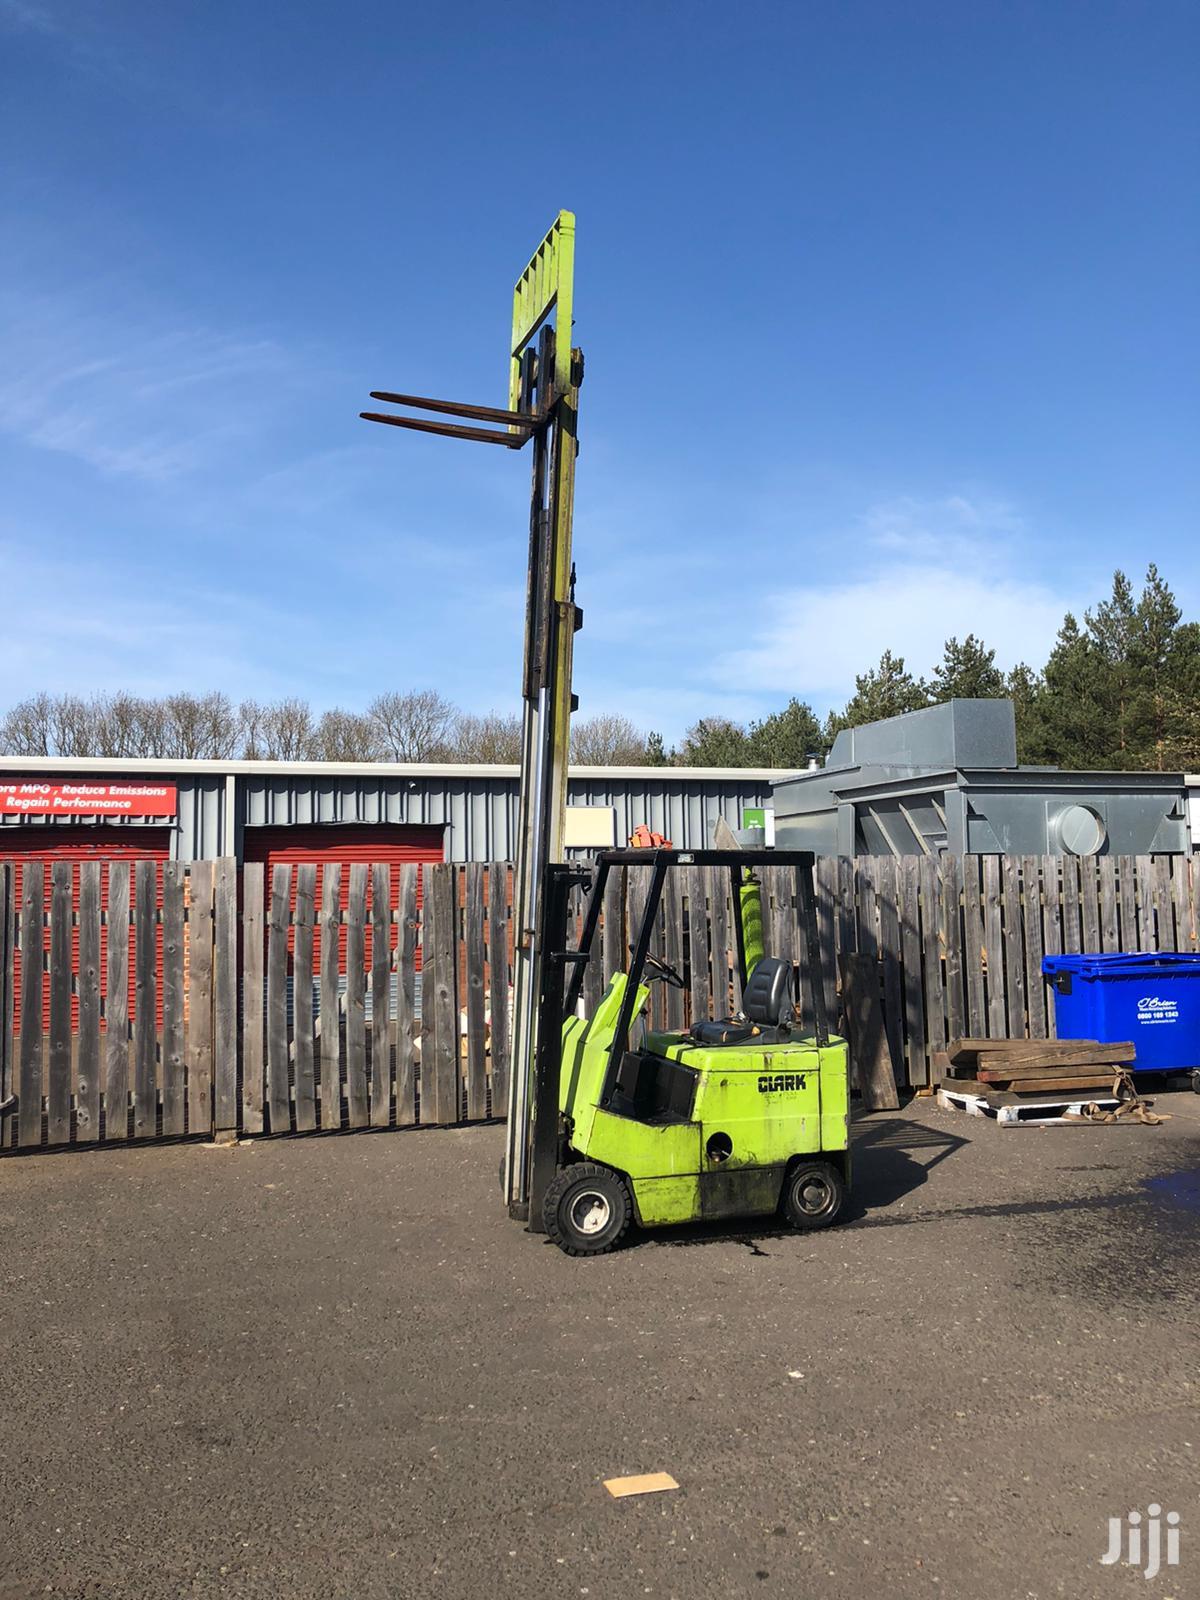 EX-UK Clarke Forklift | Heavy Equipment for sale in Parklands/Highridge, Nairobi, Kenya